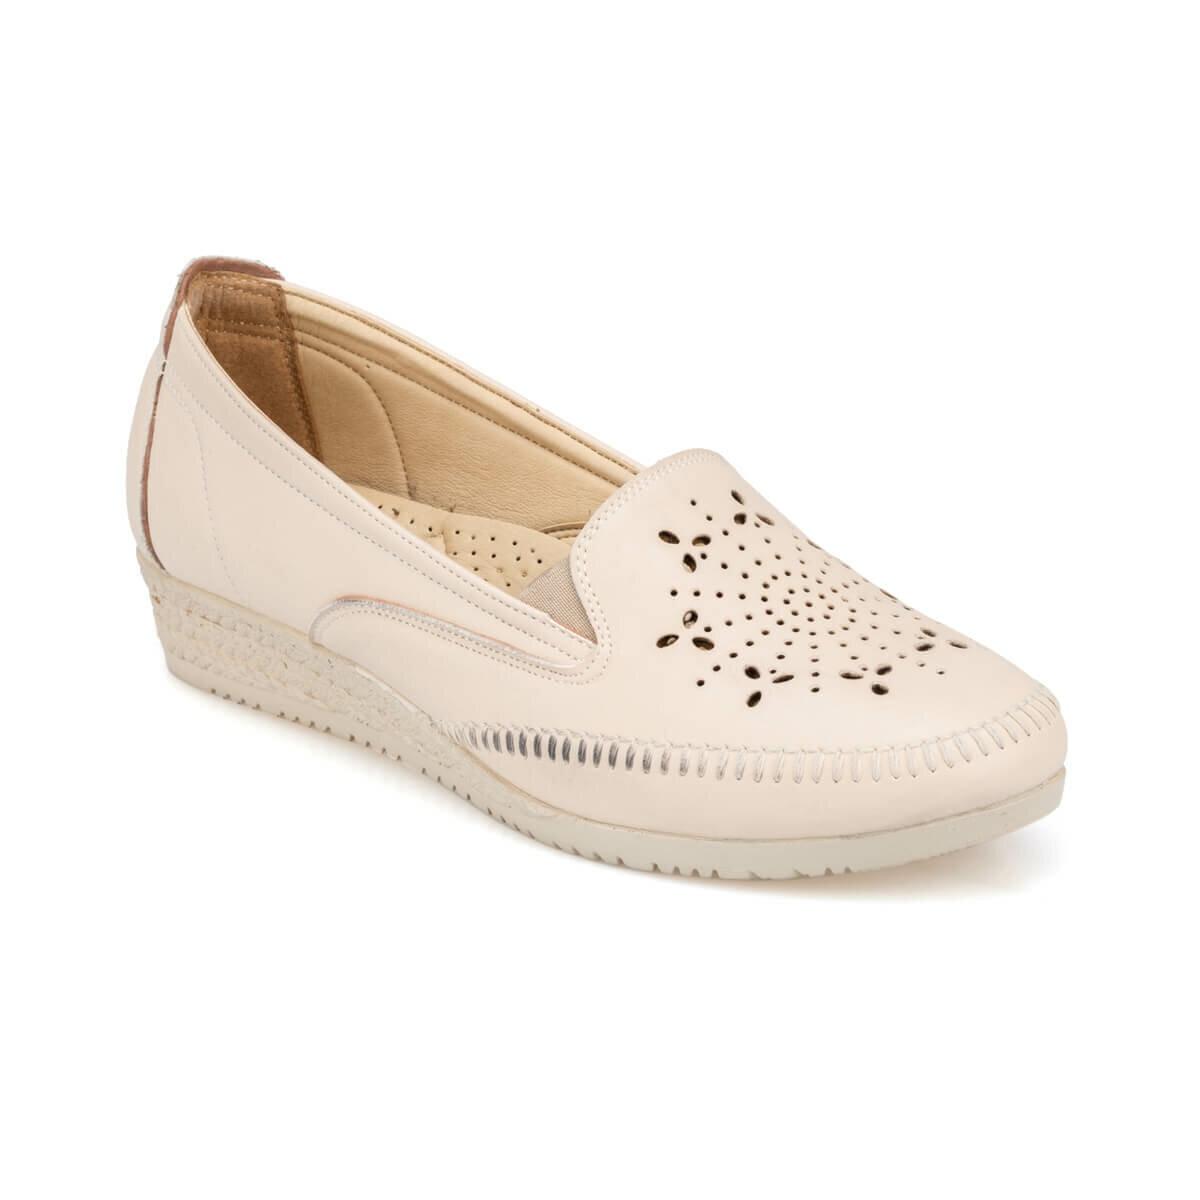 FLO 91.150703.Z Beige Women 'S Shoes Polaris